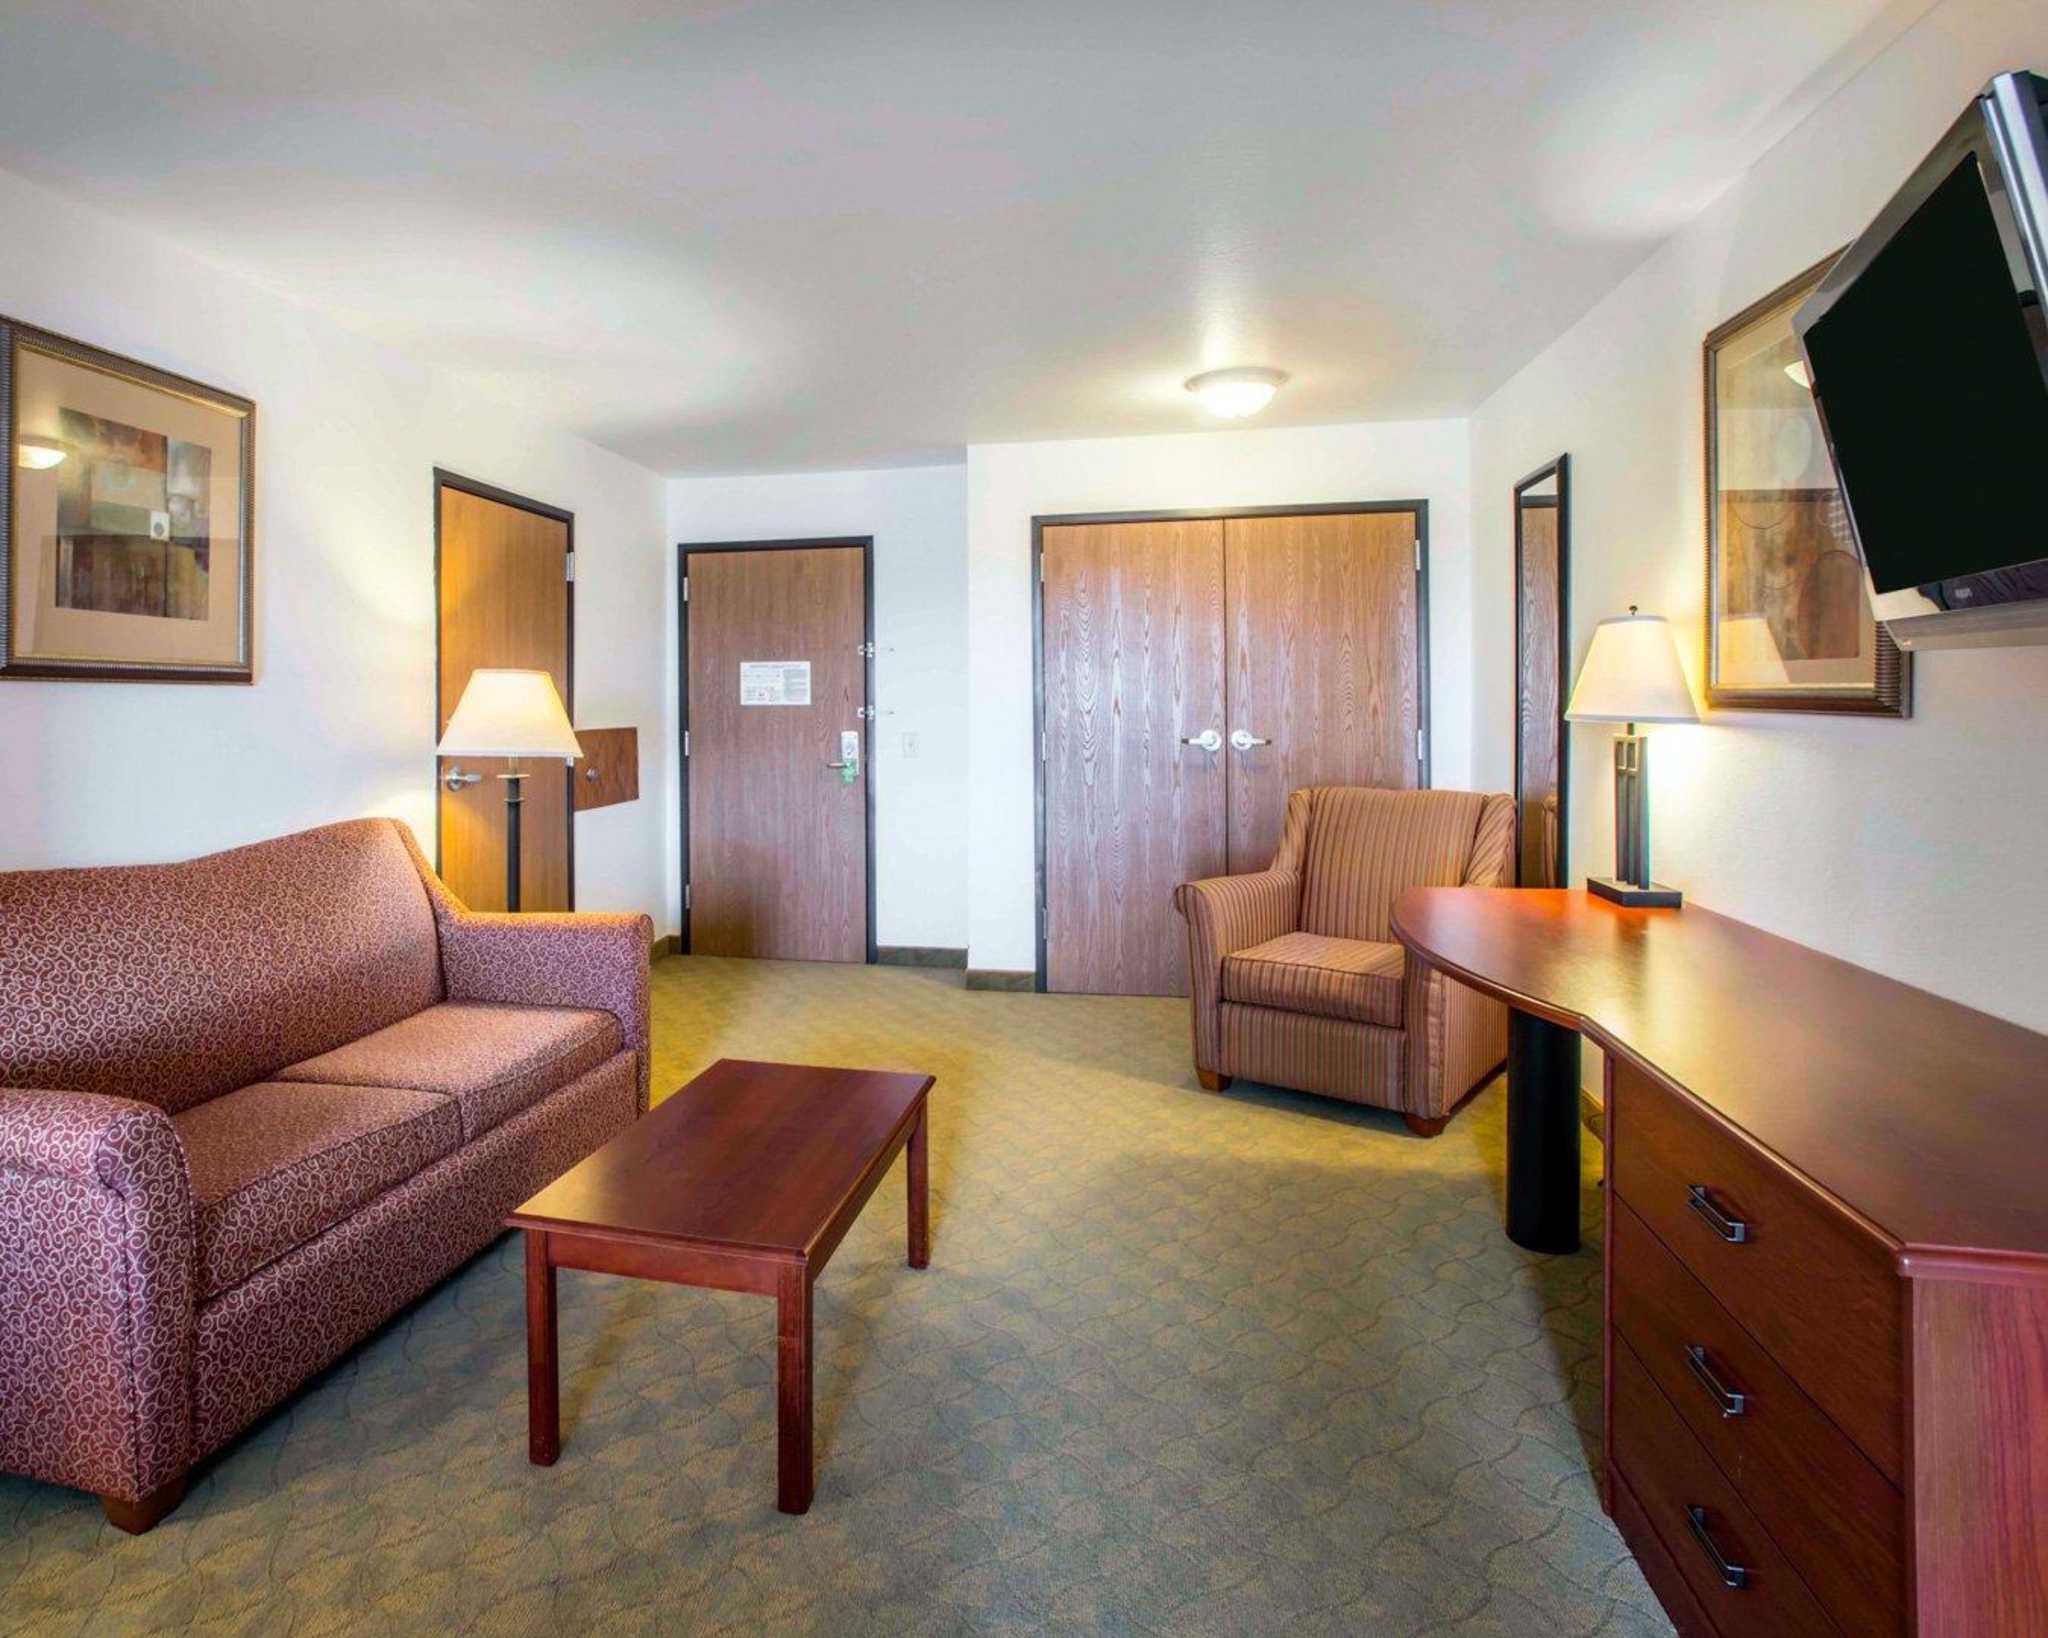 Comfort Inn & Suites Greenville I-70 image 6